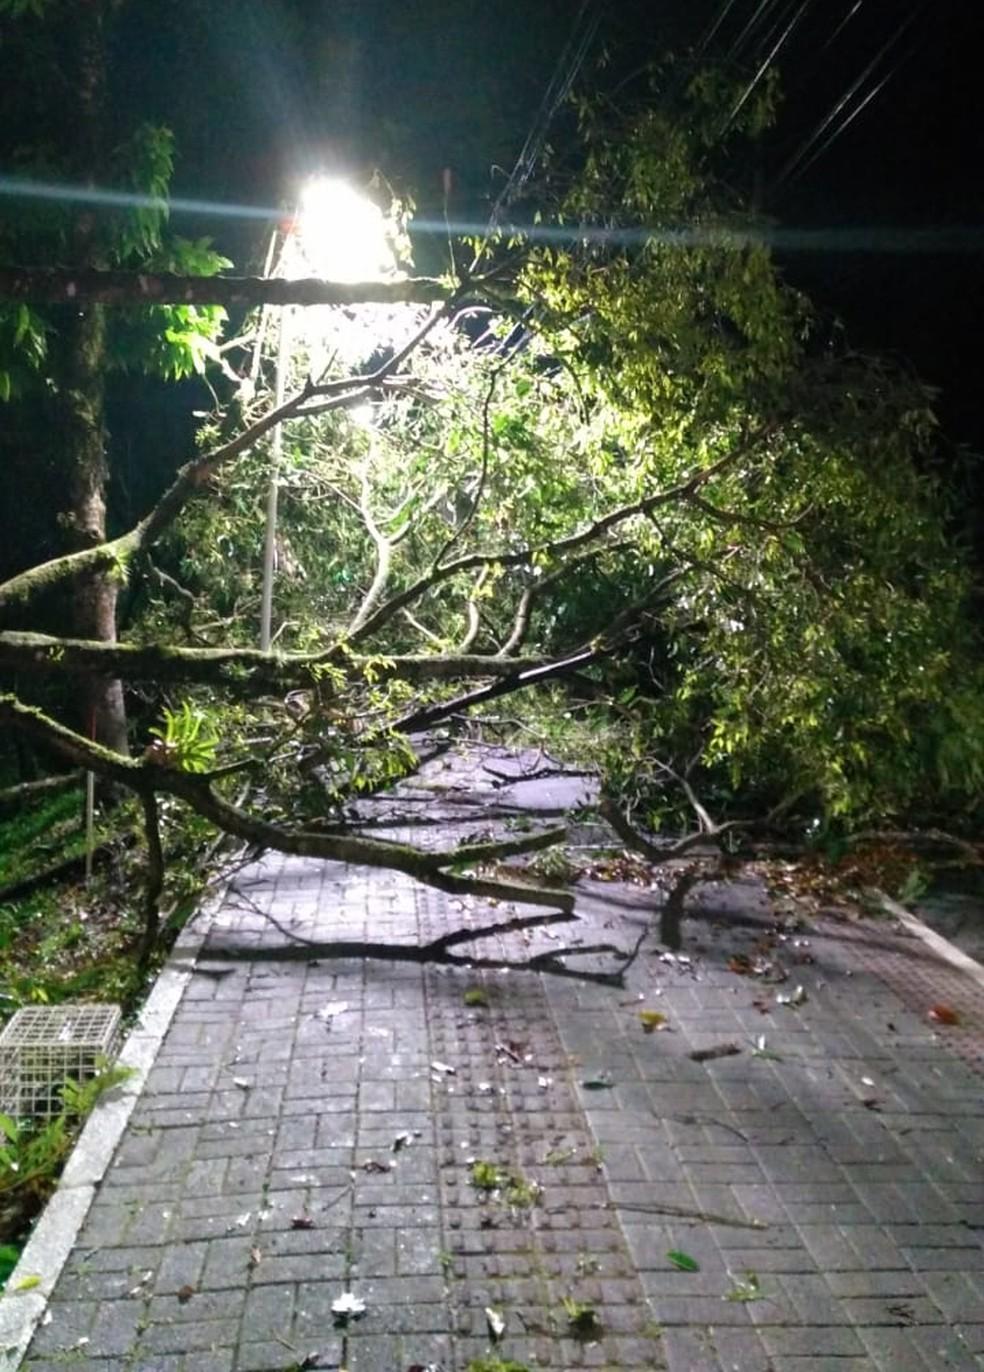 Foram registradas quedas de árvores em Jaraguá do Sul — Foto: Defesa Civil/ Divulgação